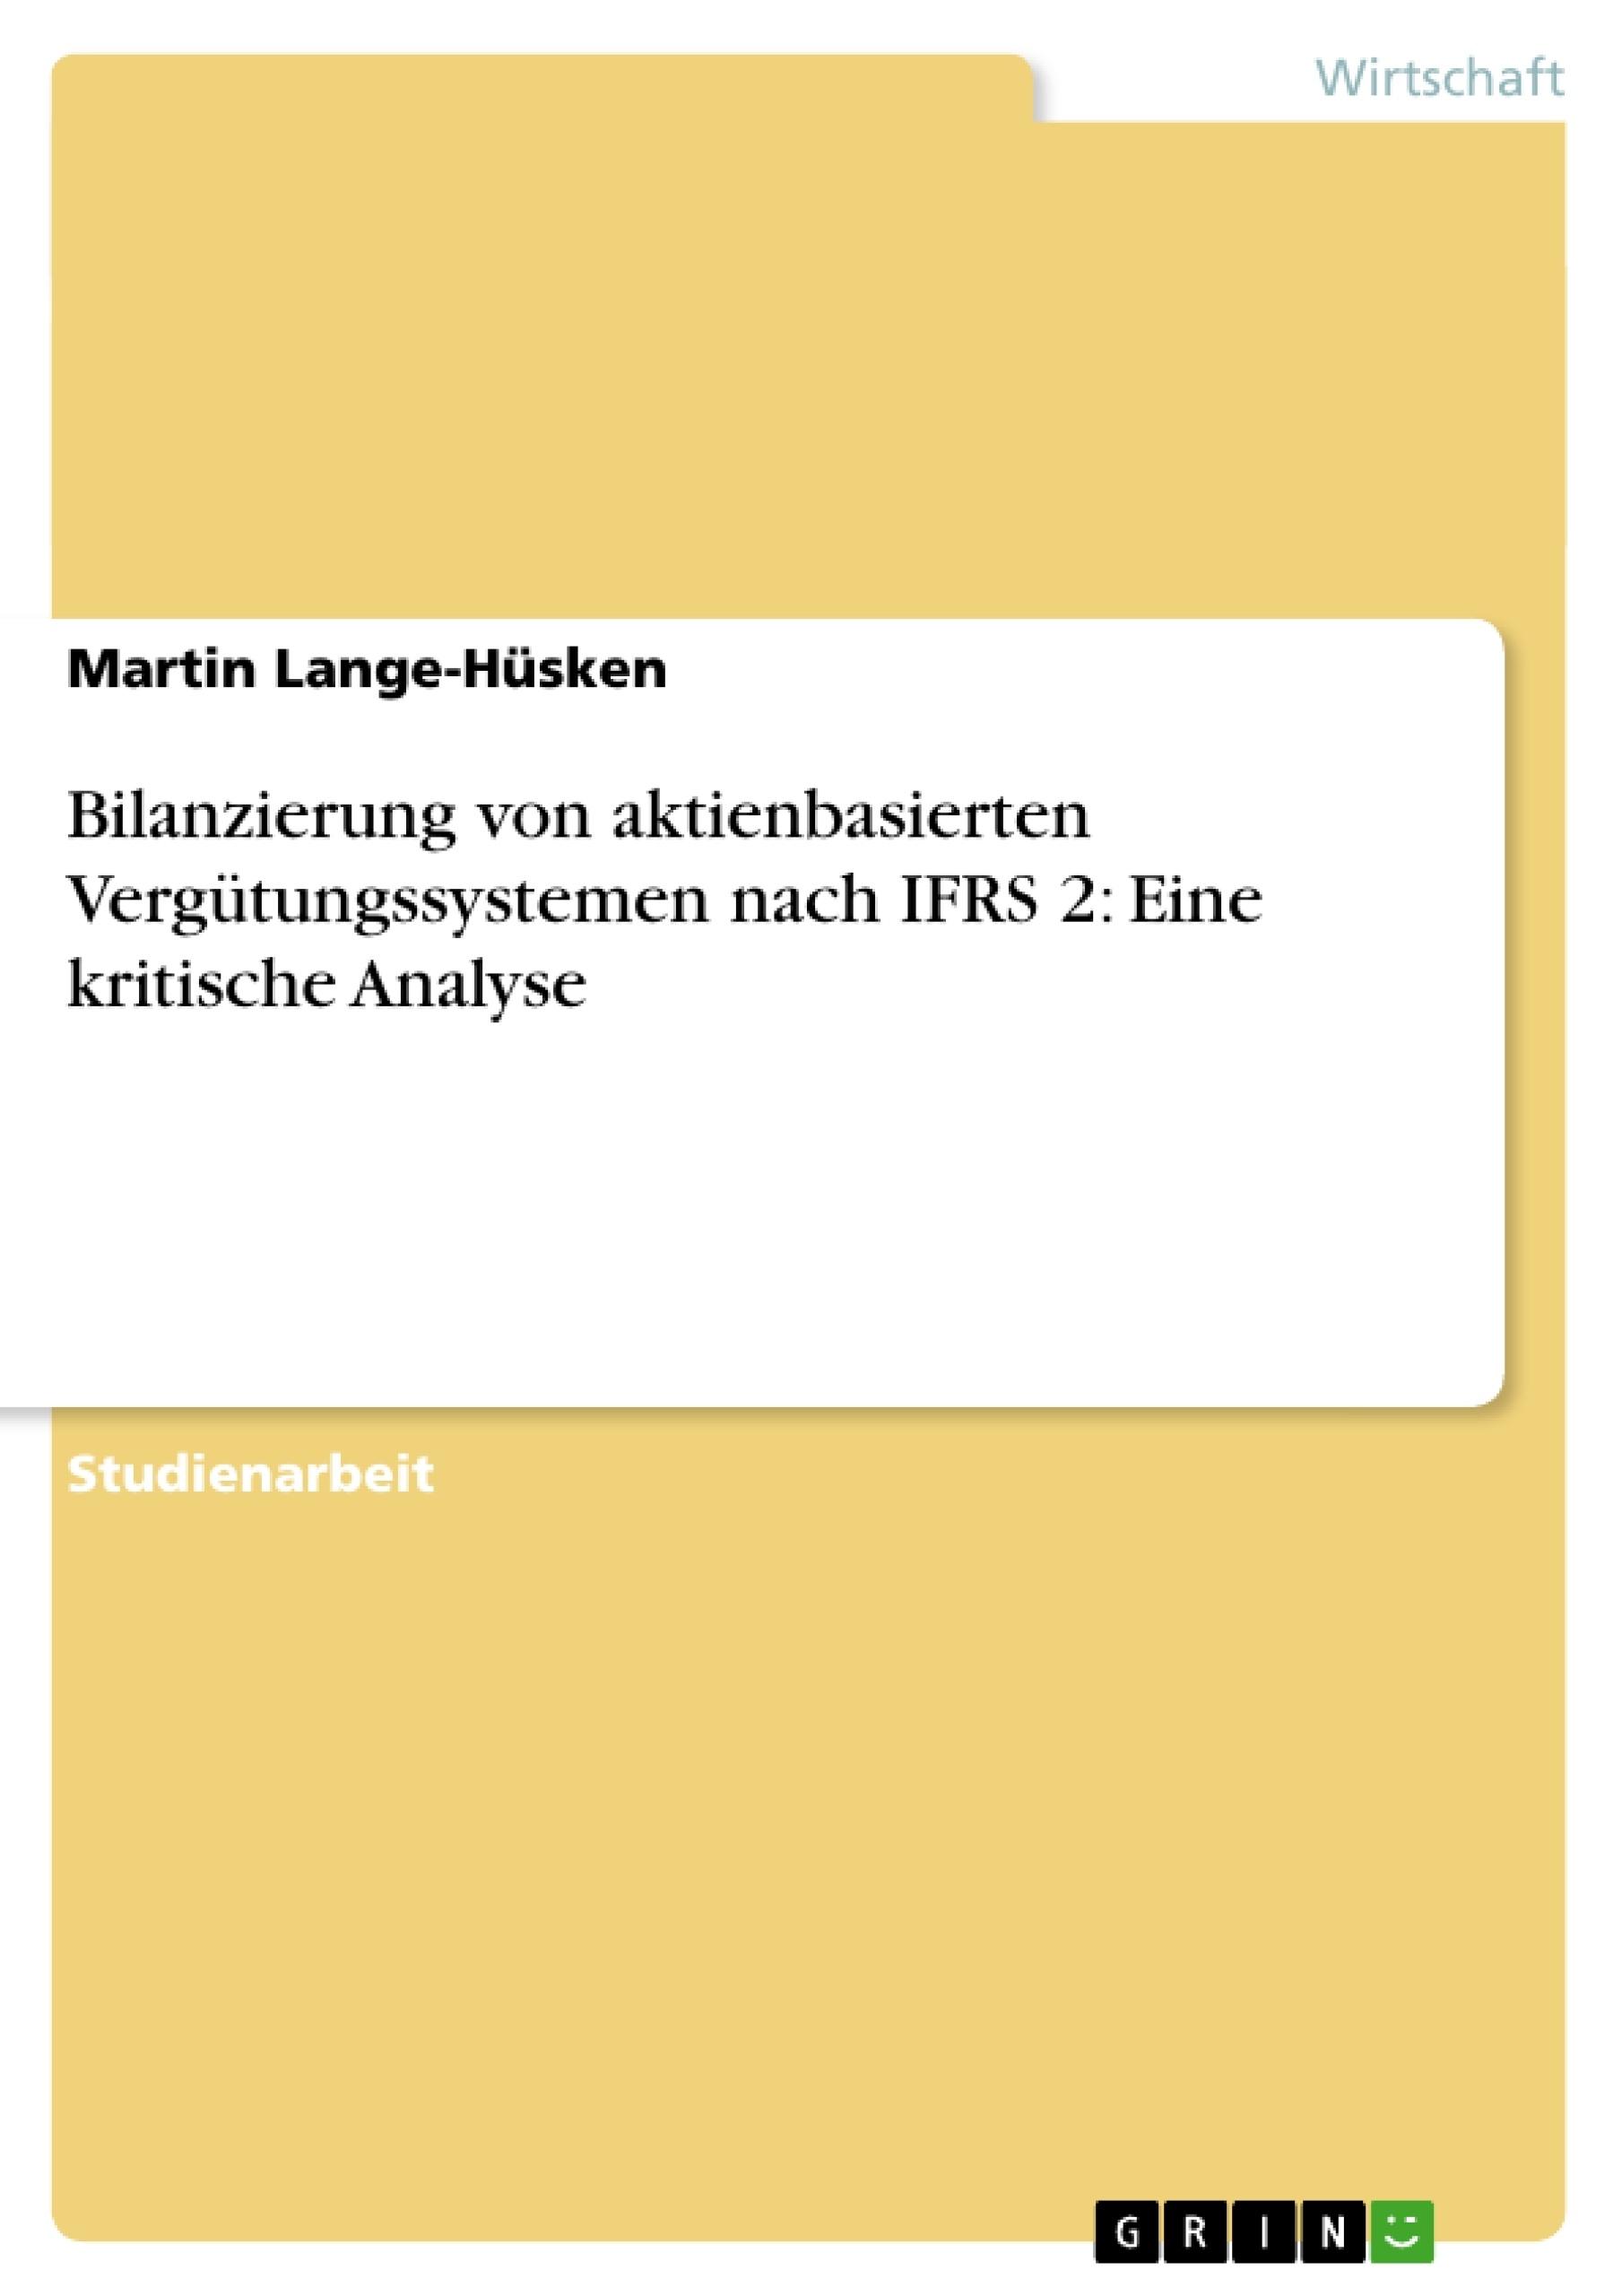 Titel: Bilanzierung von aktienbasierten Vergütungssystemen nach IFRS 2: Eine kritische Analyse